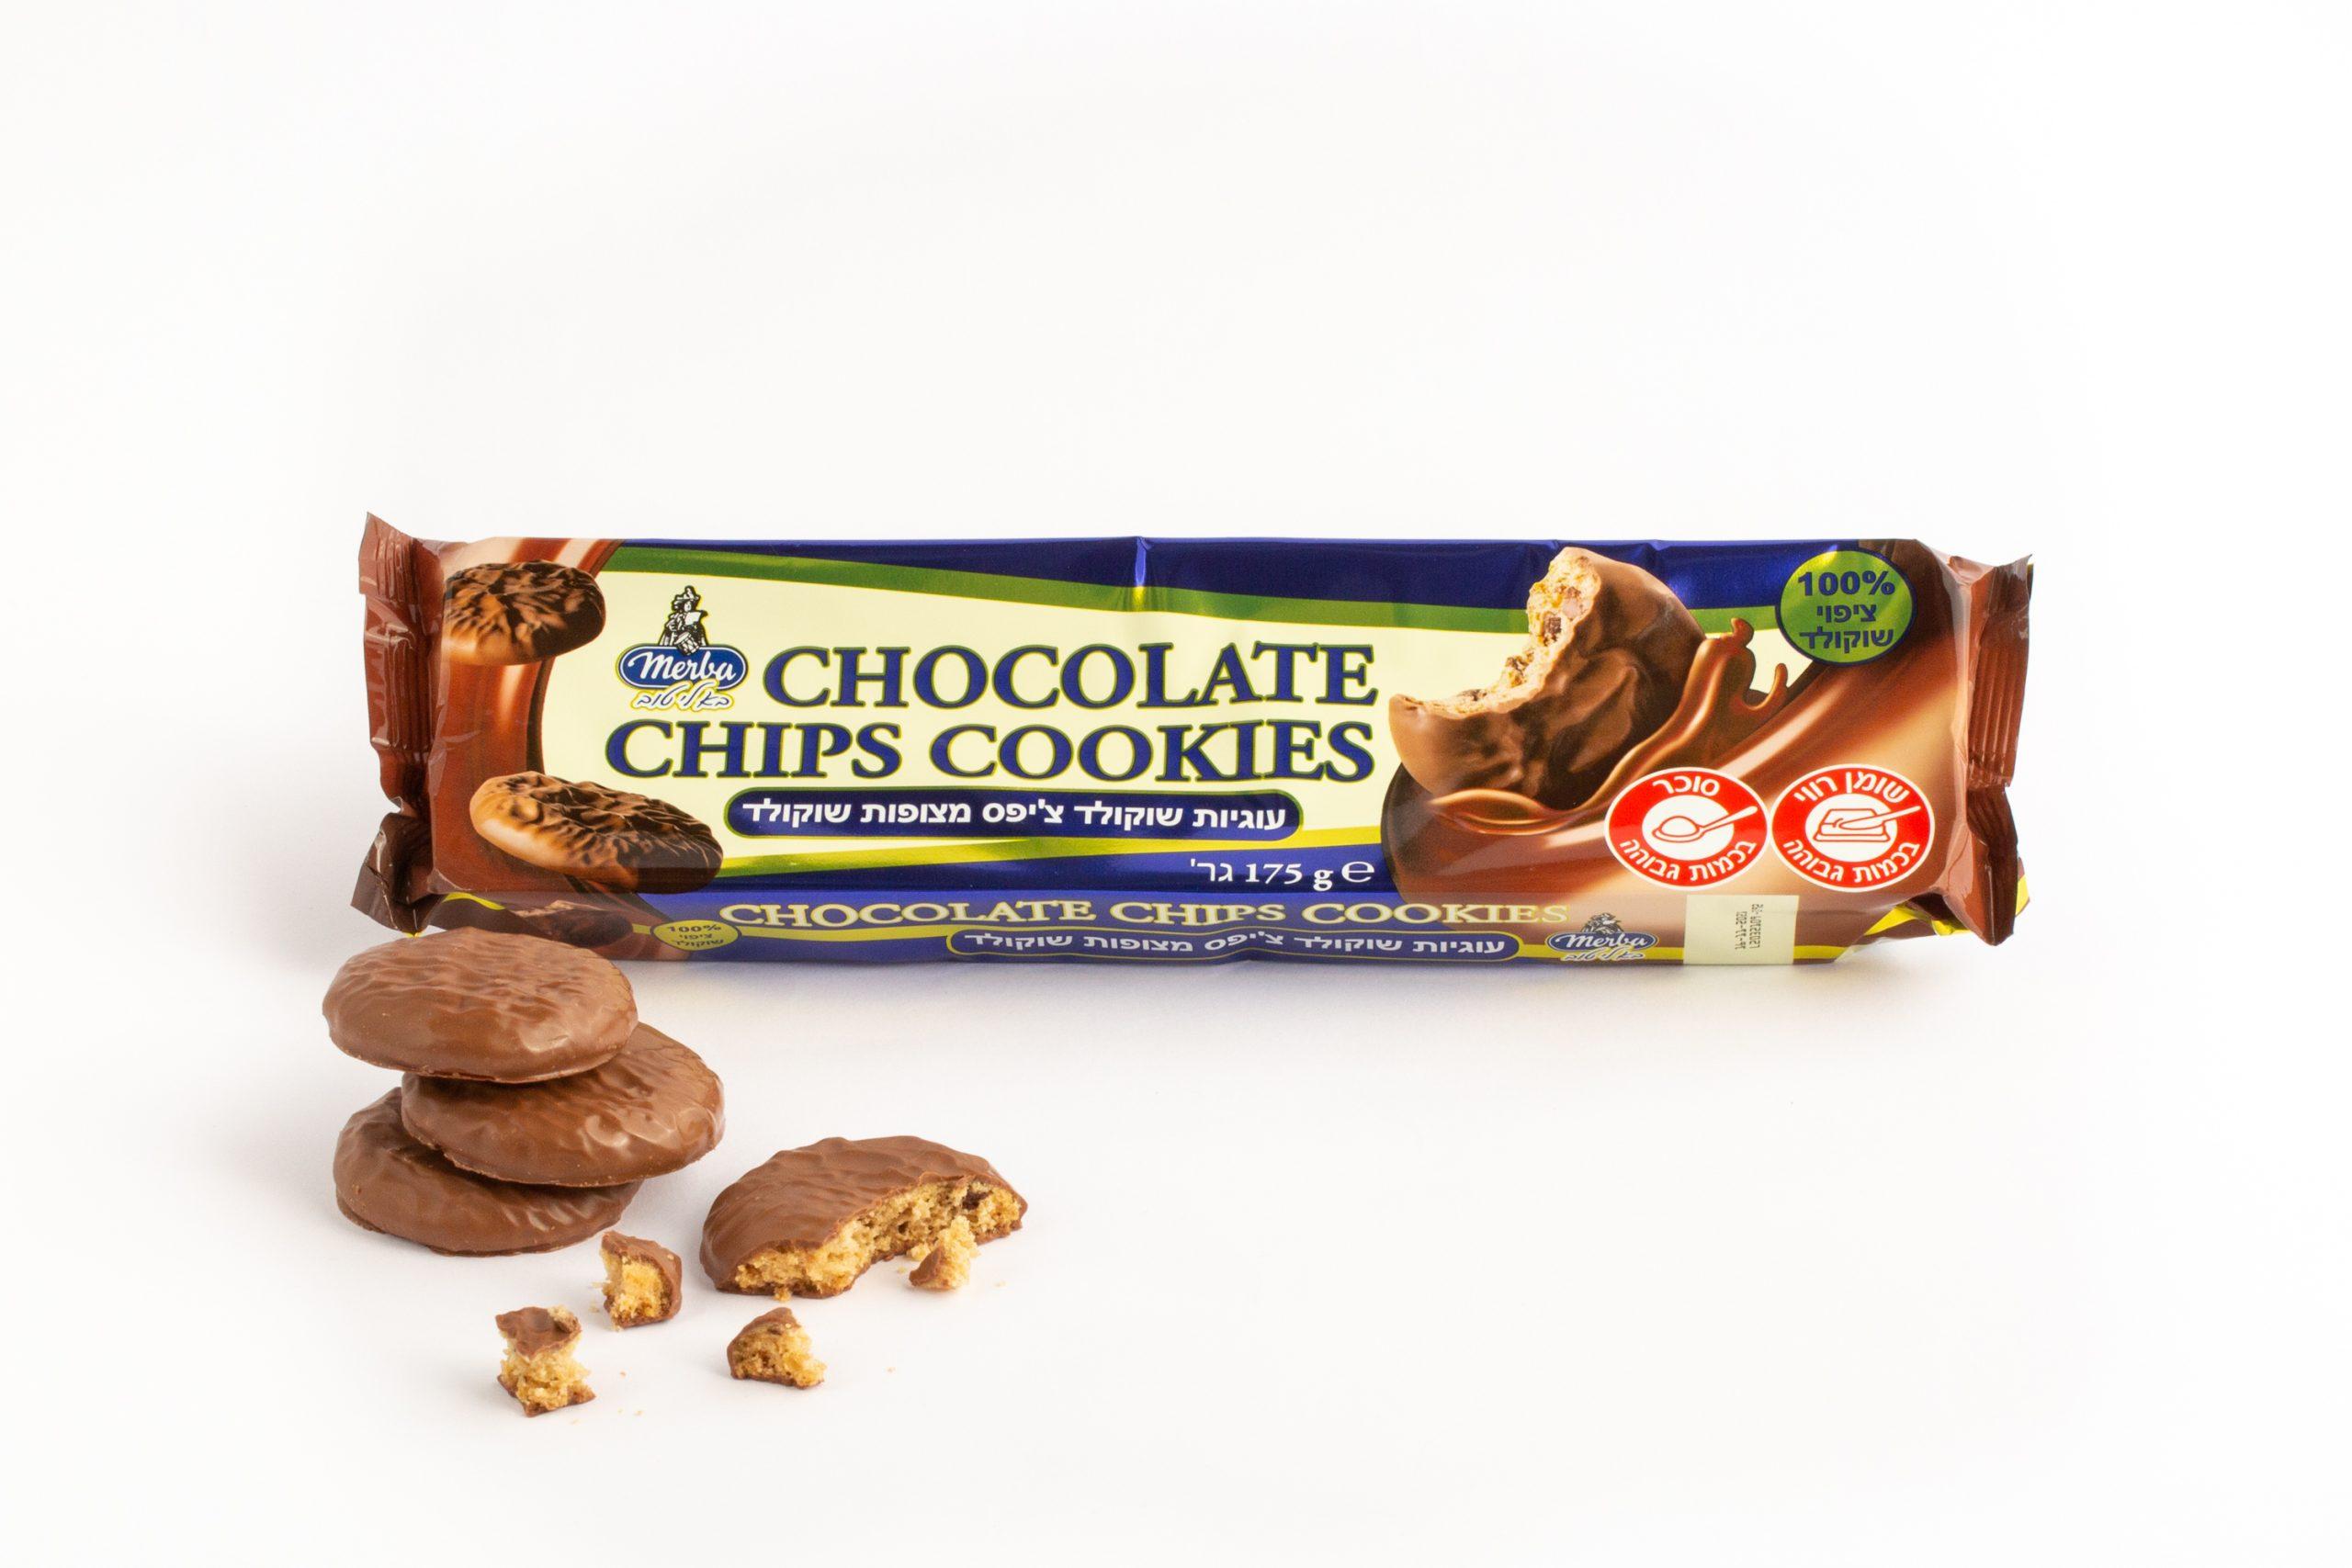 עוגיות שוקולד ציפס מצופות מרבה צילום יחצ מאושר לשימוש ללא תמורה